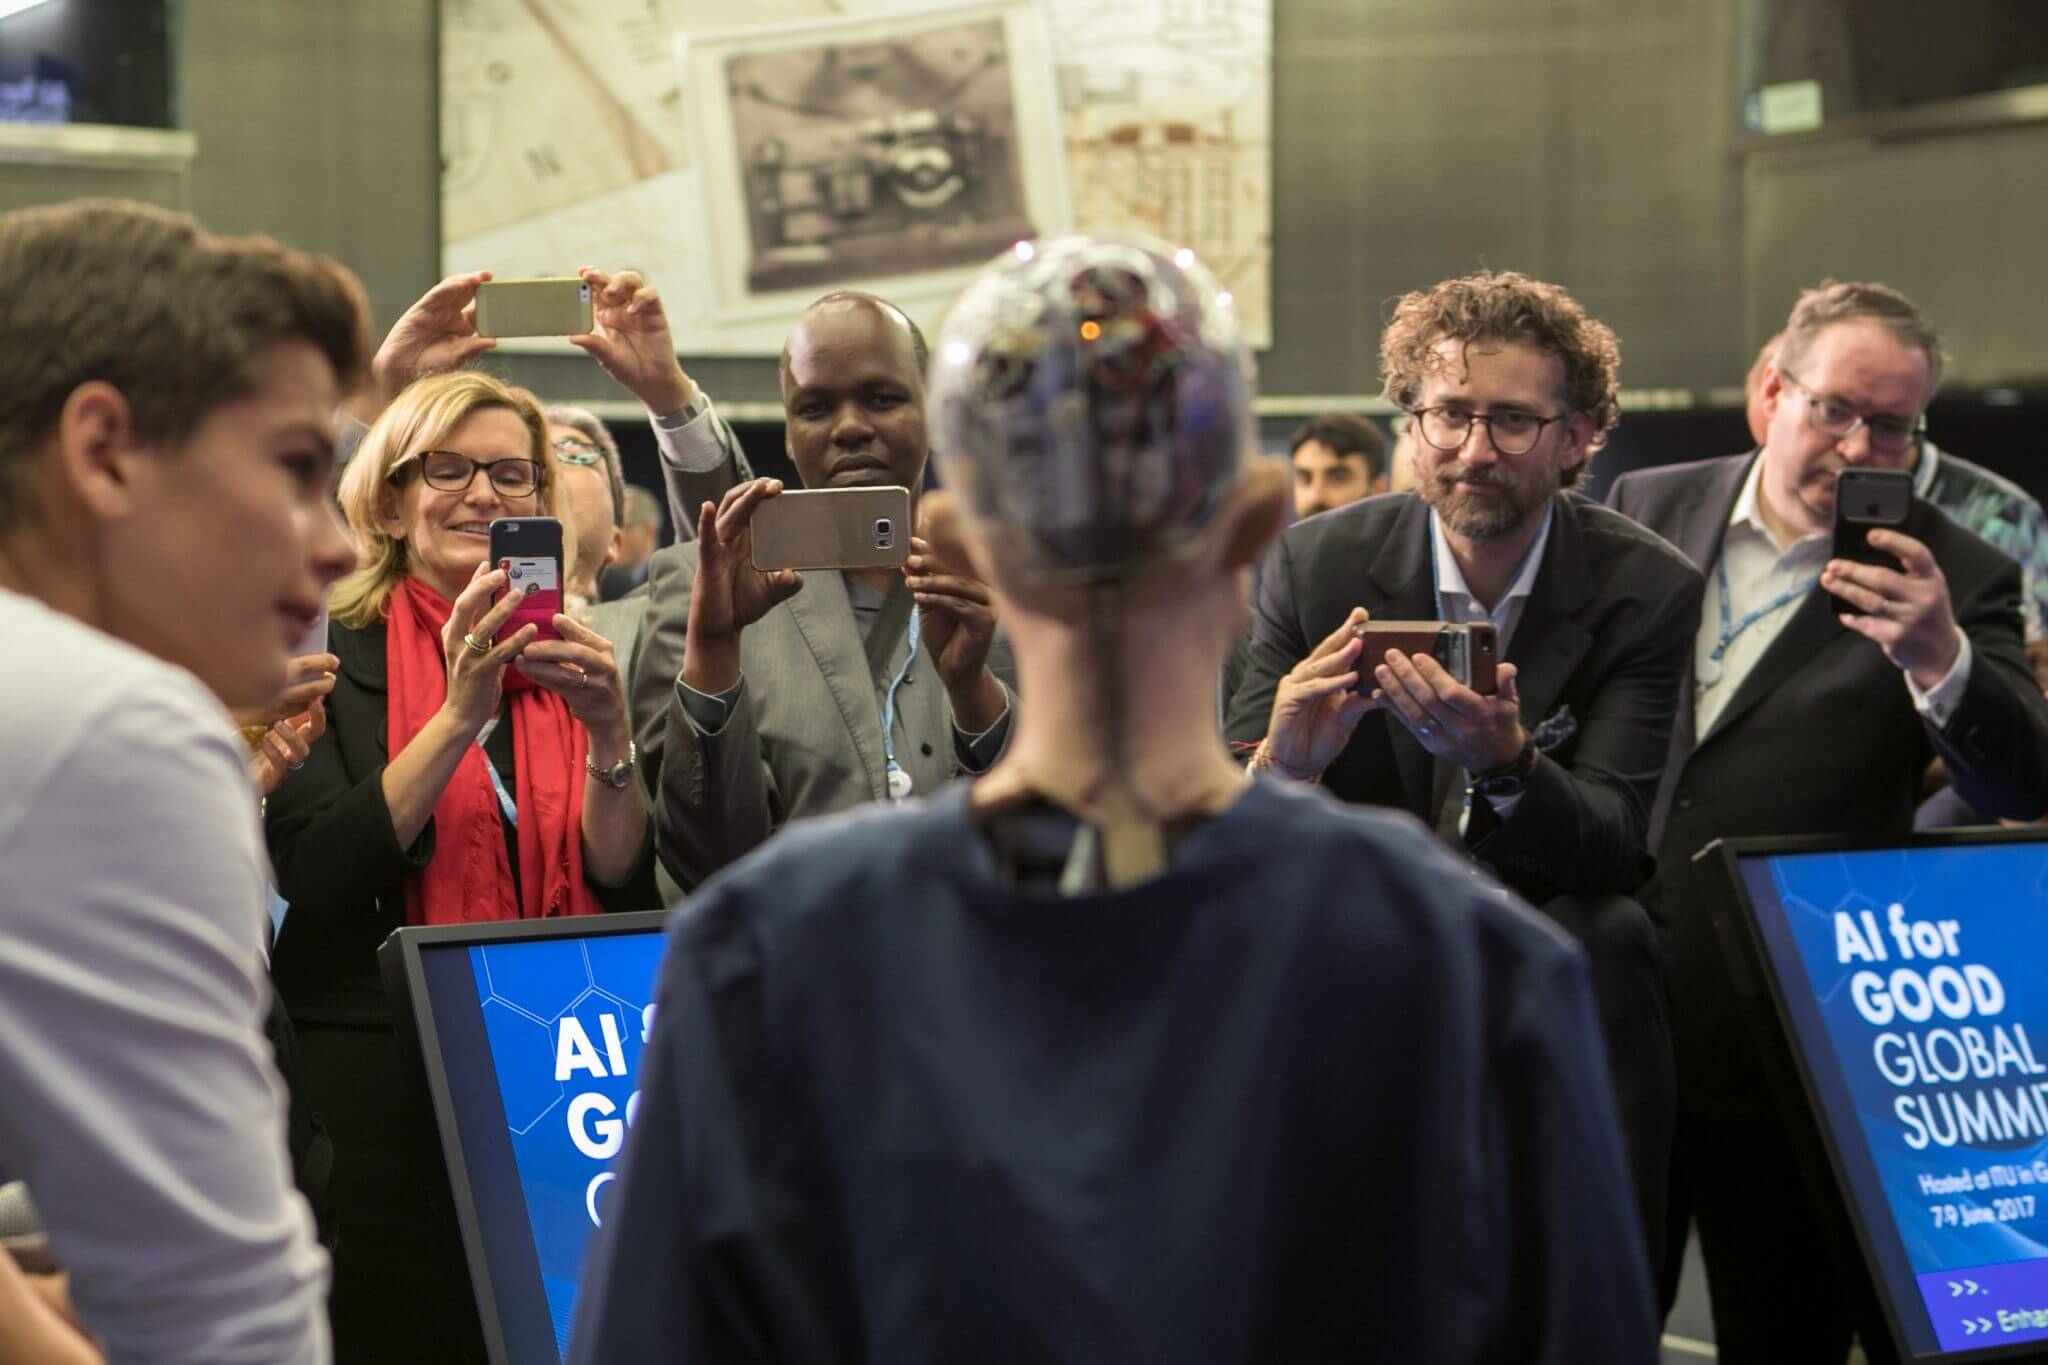 Sophia - Os 6 comentários mais assustadores já feitos por robôs de inteligência artificial